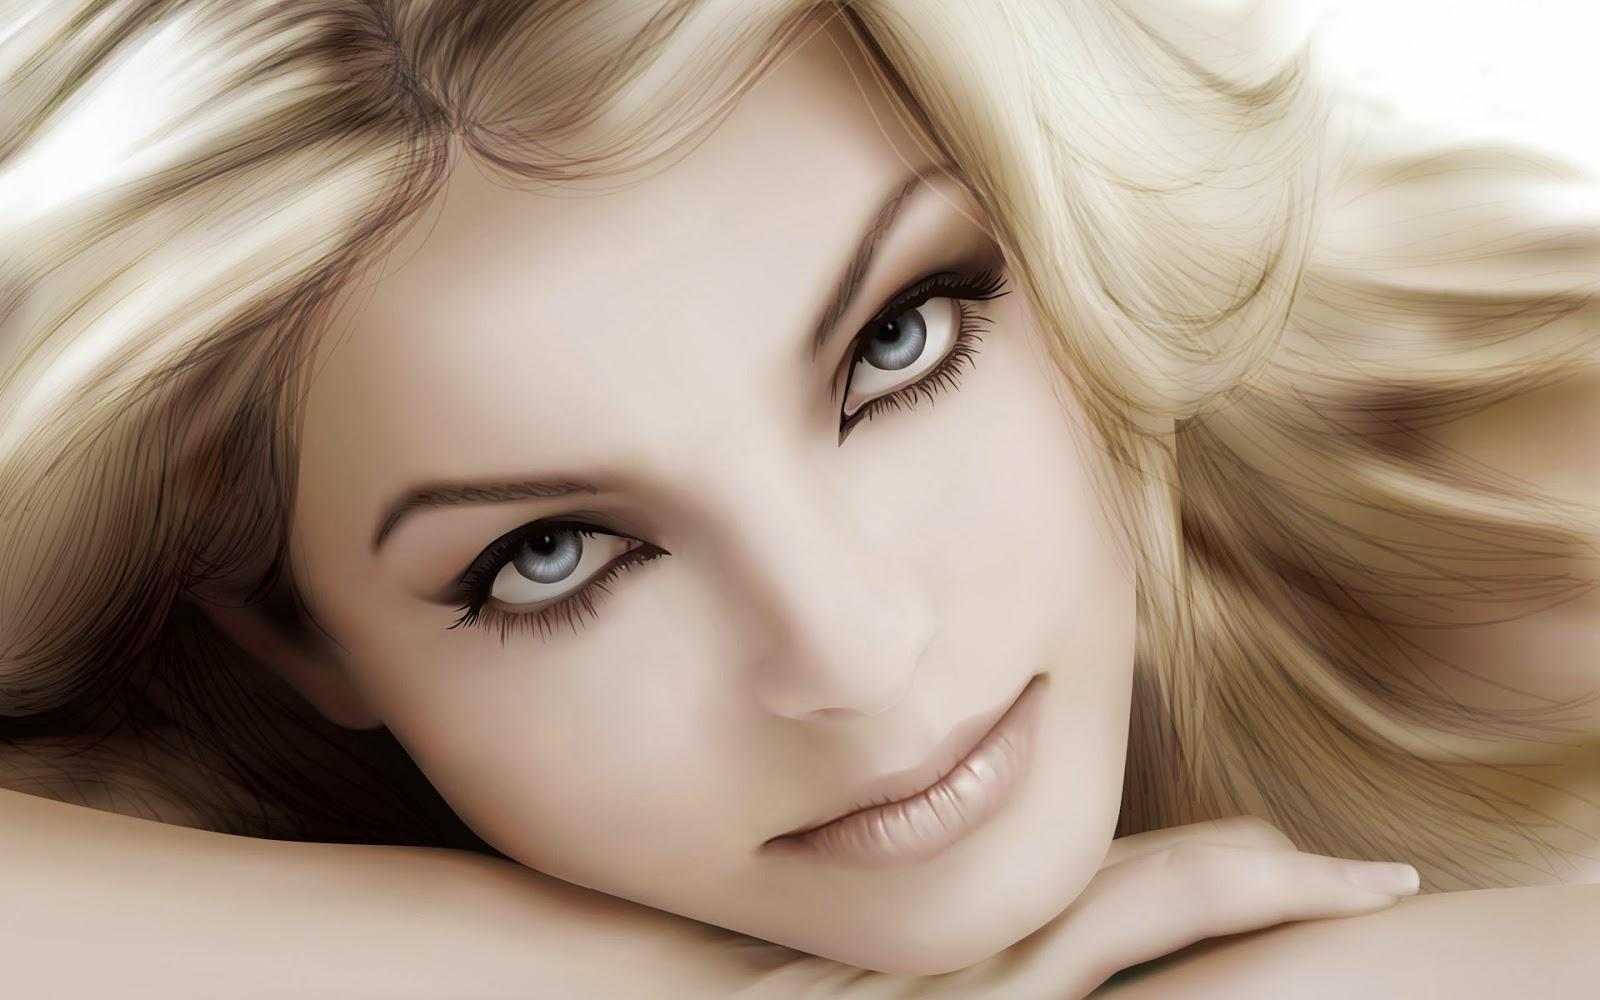 بالصور صور اجمل بنات في العالم , بنات حلوين جدا بالصور 2109 2